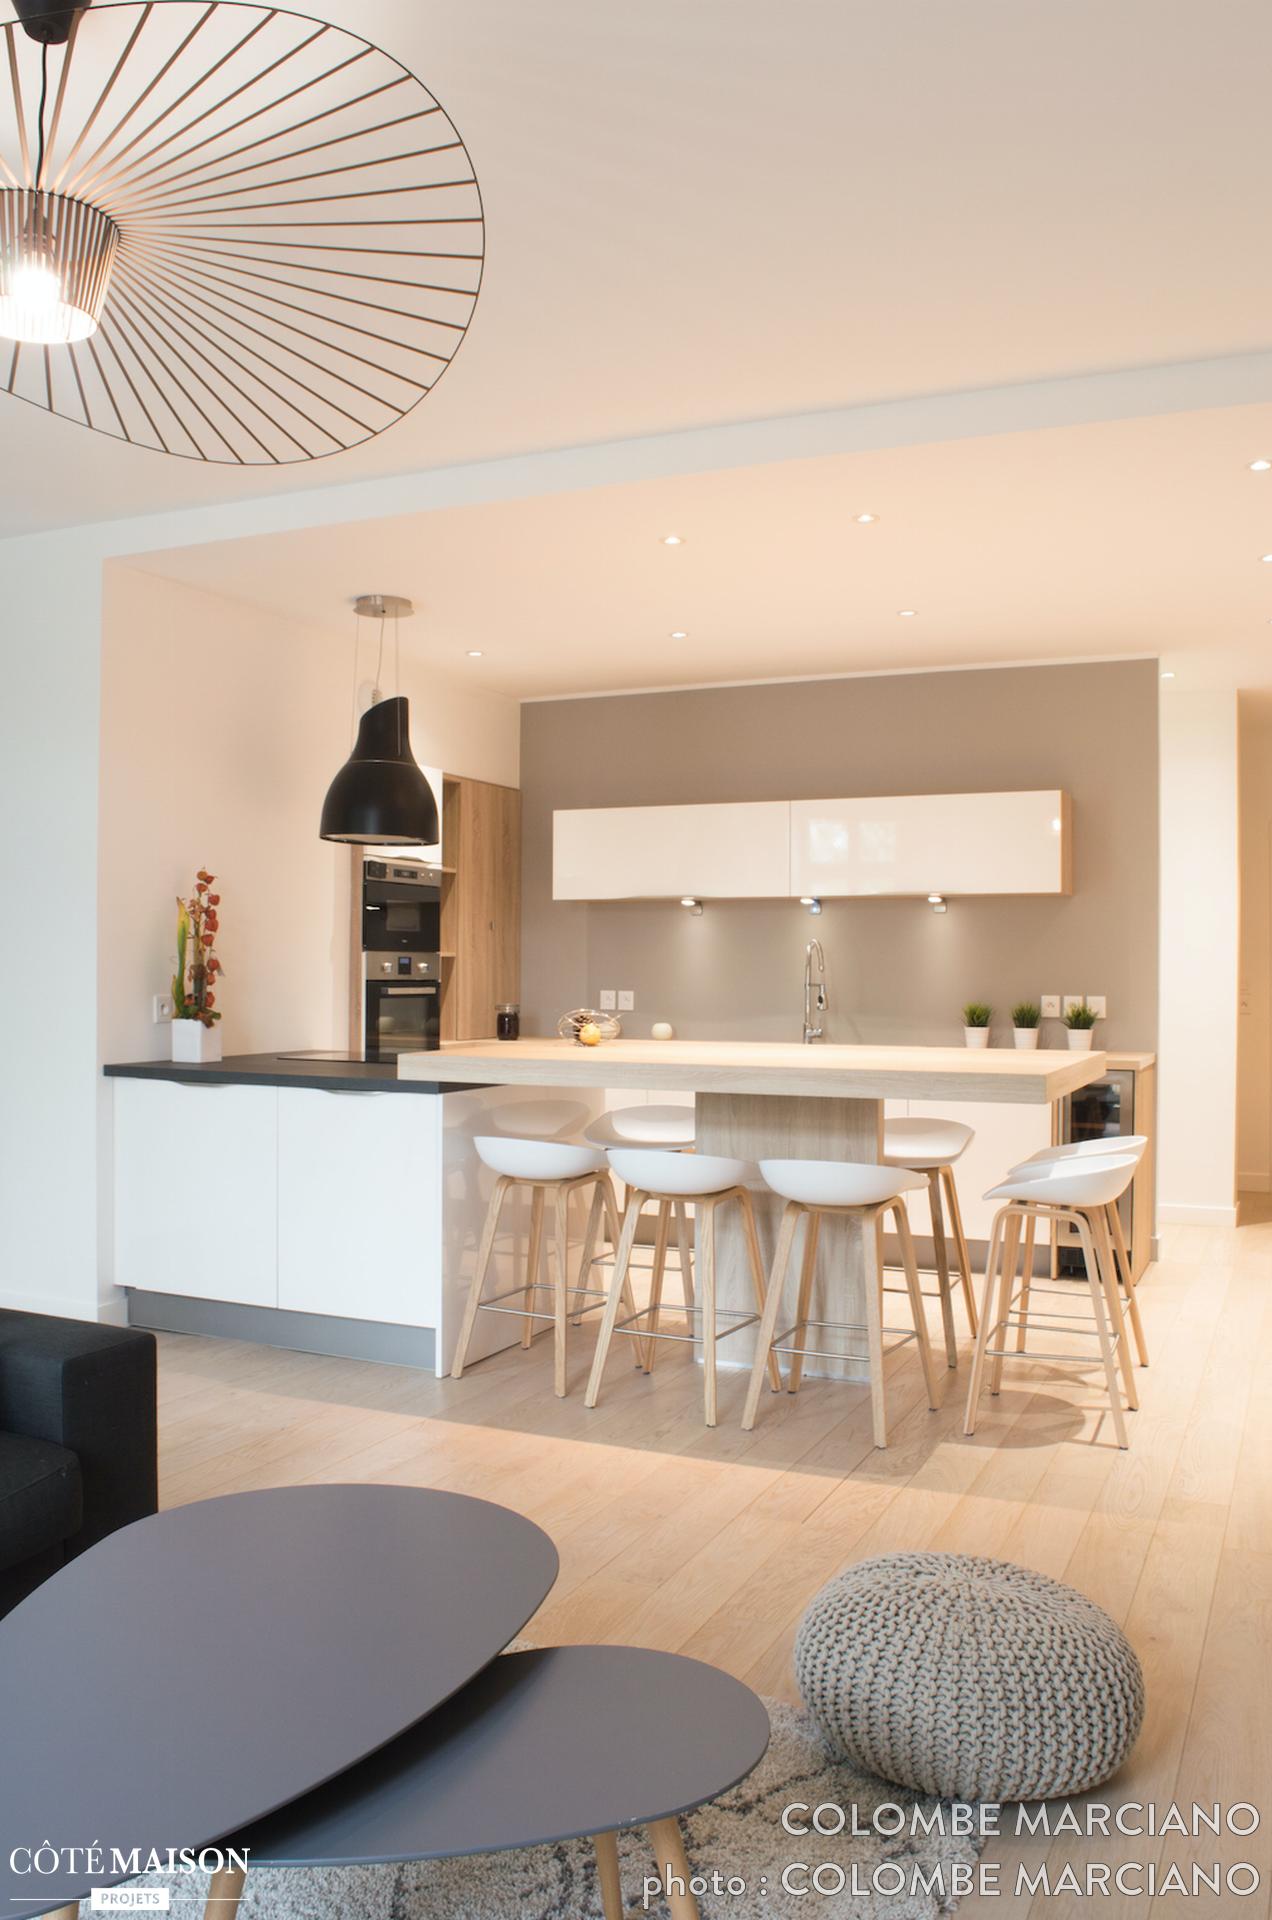 39 Einrichtungsideen Für Ihre Ganz Besondere Küche | Kitchens, Interiors  And House